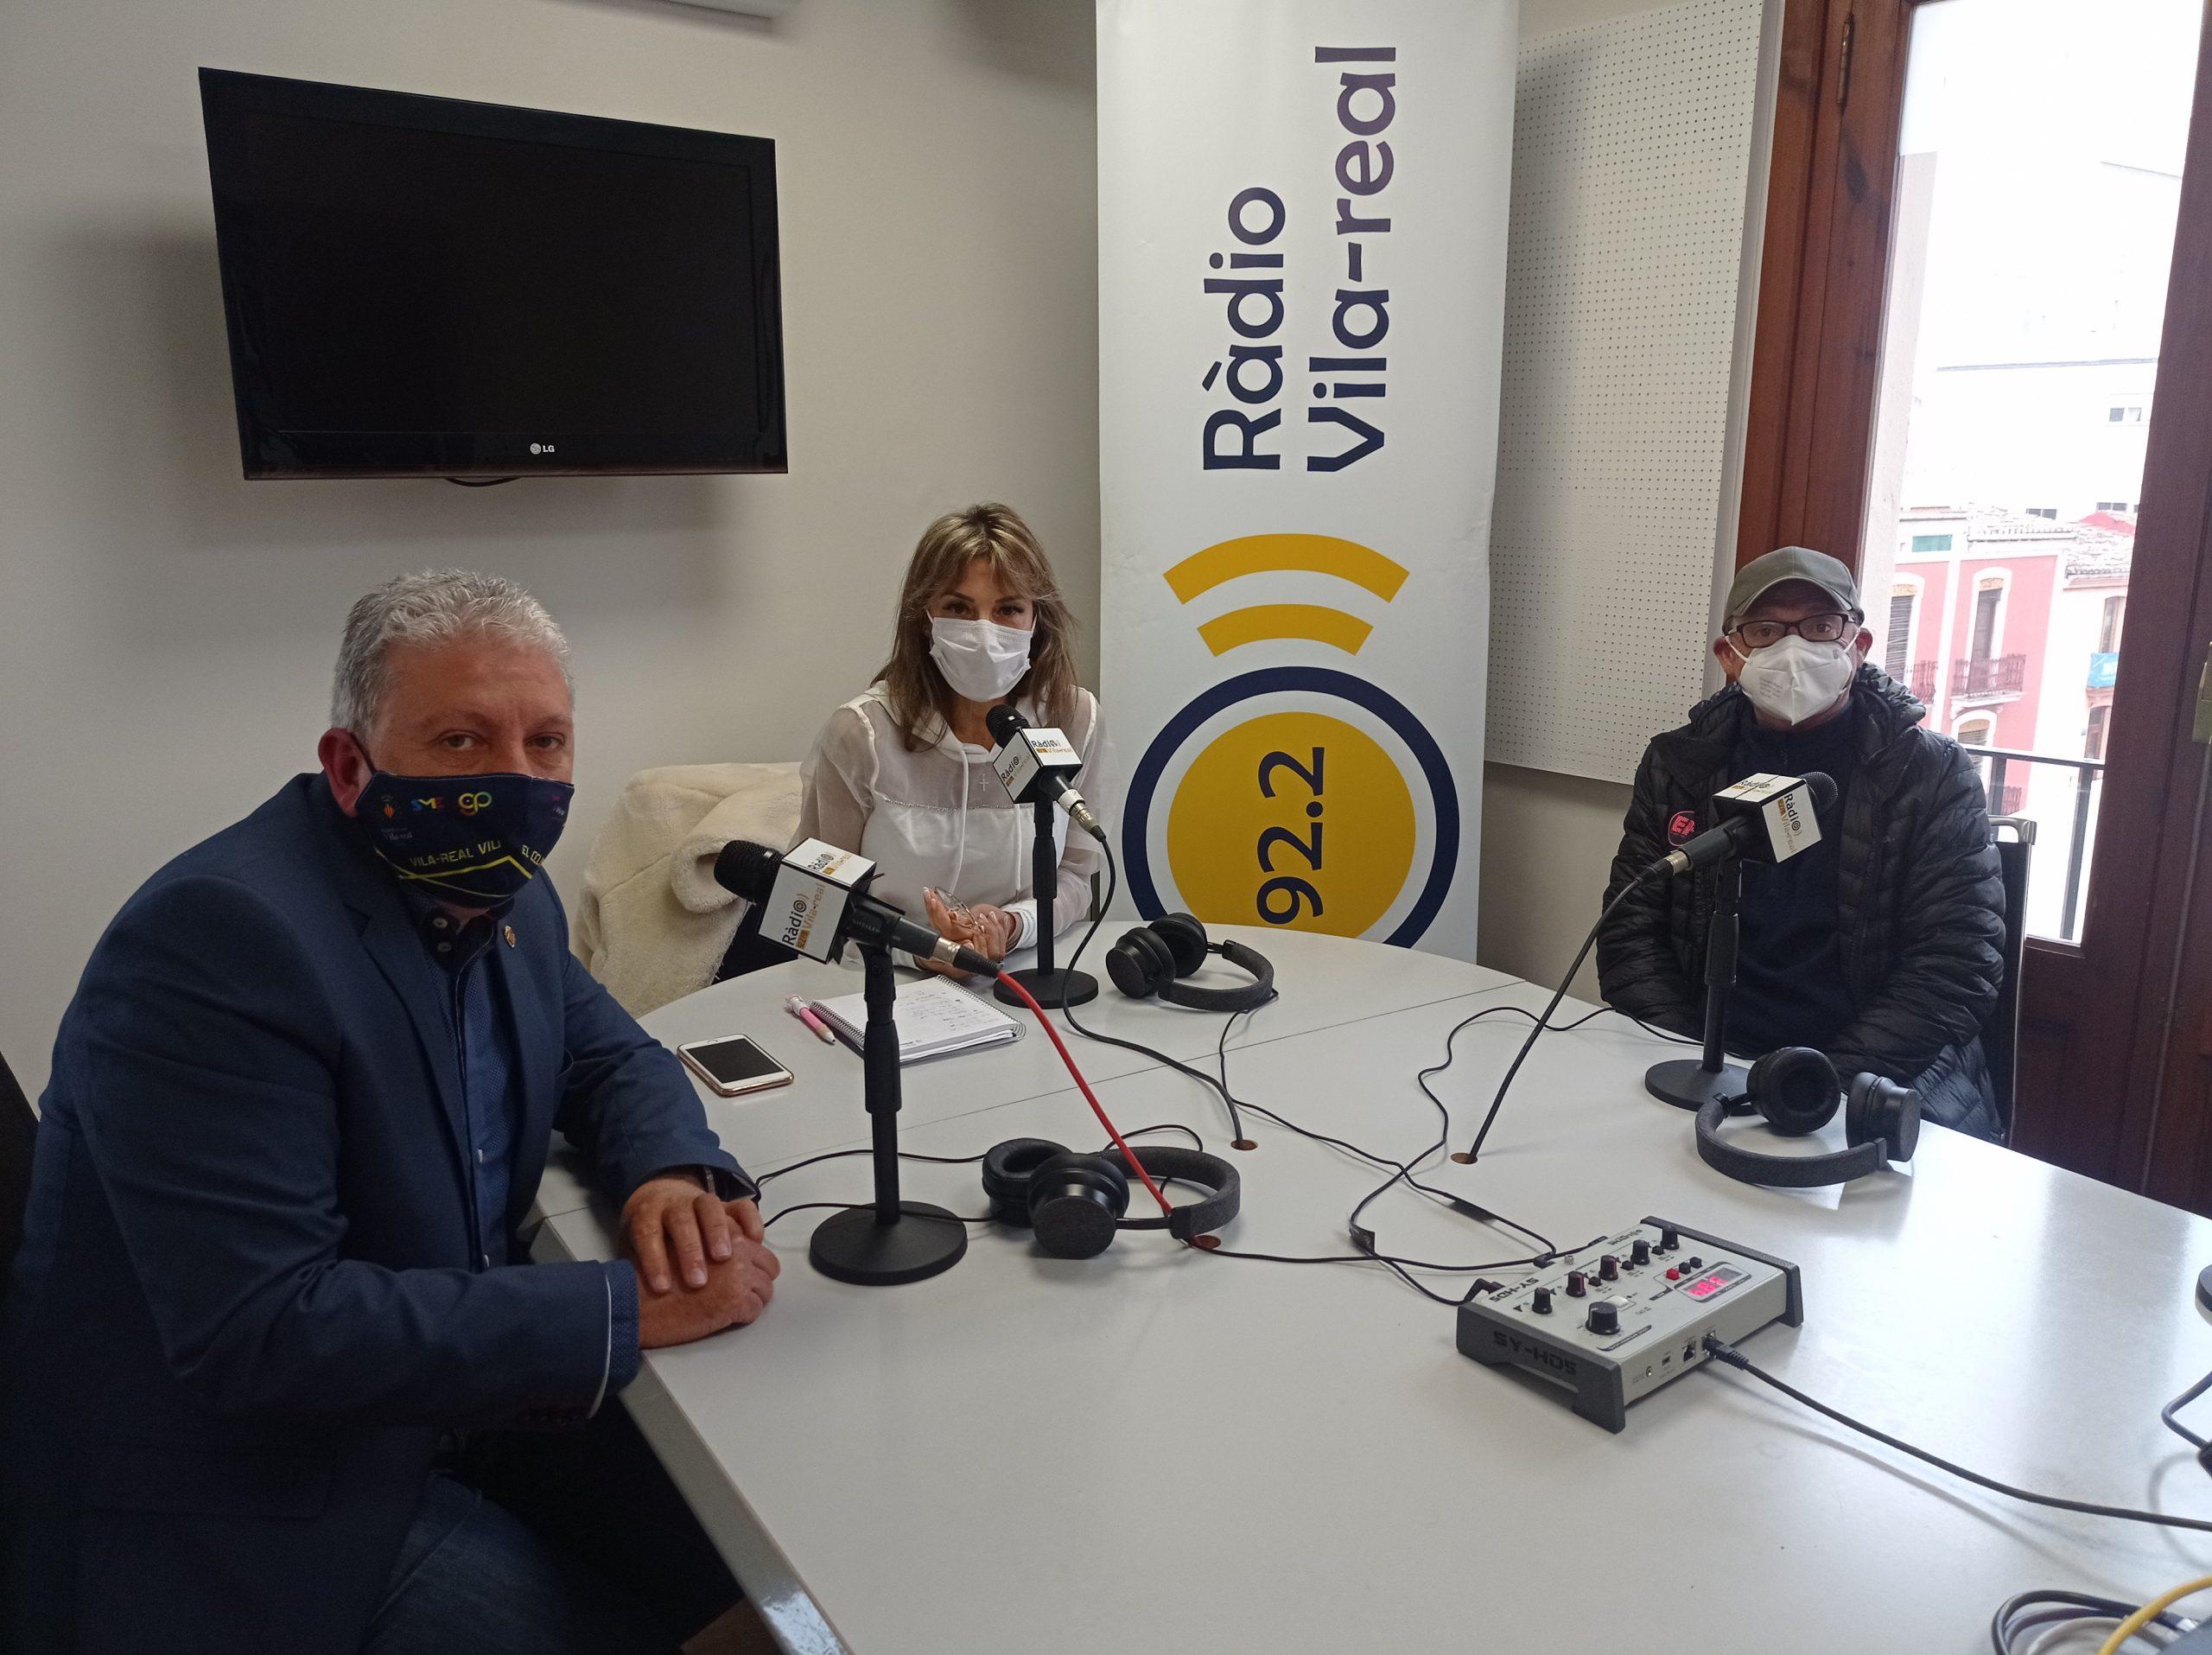 Entrevista al concejal de Deportes de Vila-real, Javier Serralvo, y presidente del Club Ciclista Vila-real, Pascual Falcó